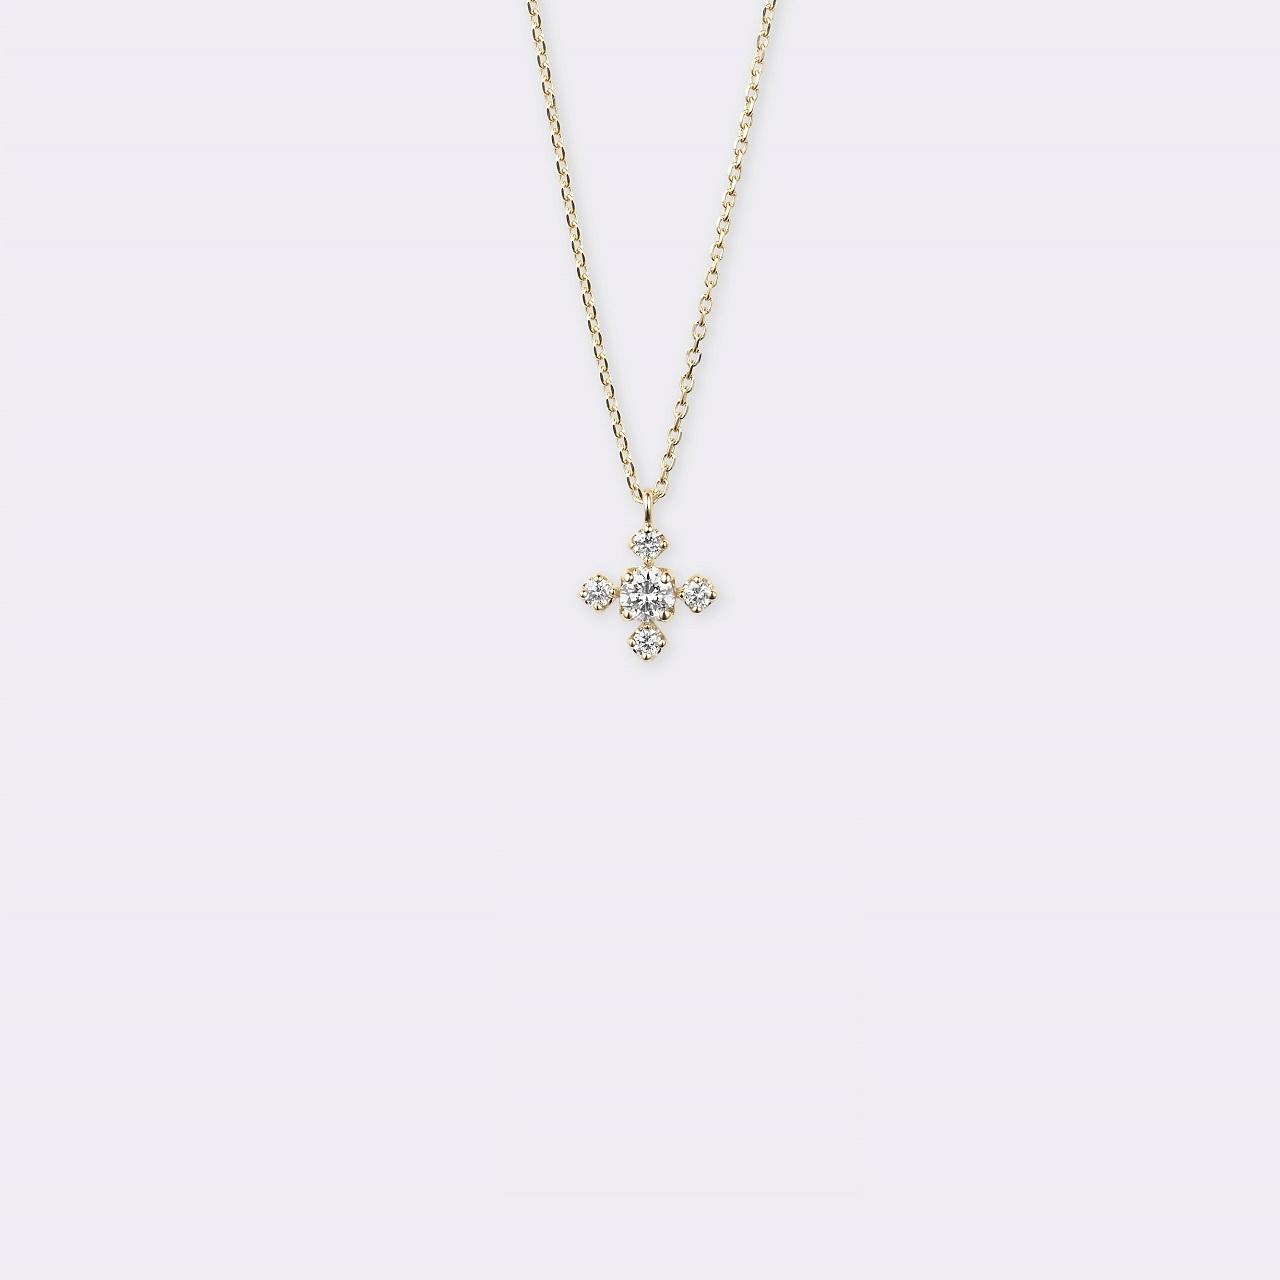 Lucente Necklace K18YG(ルシェンテネックレス K18イエローゴールド)